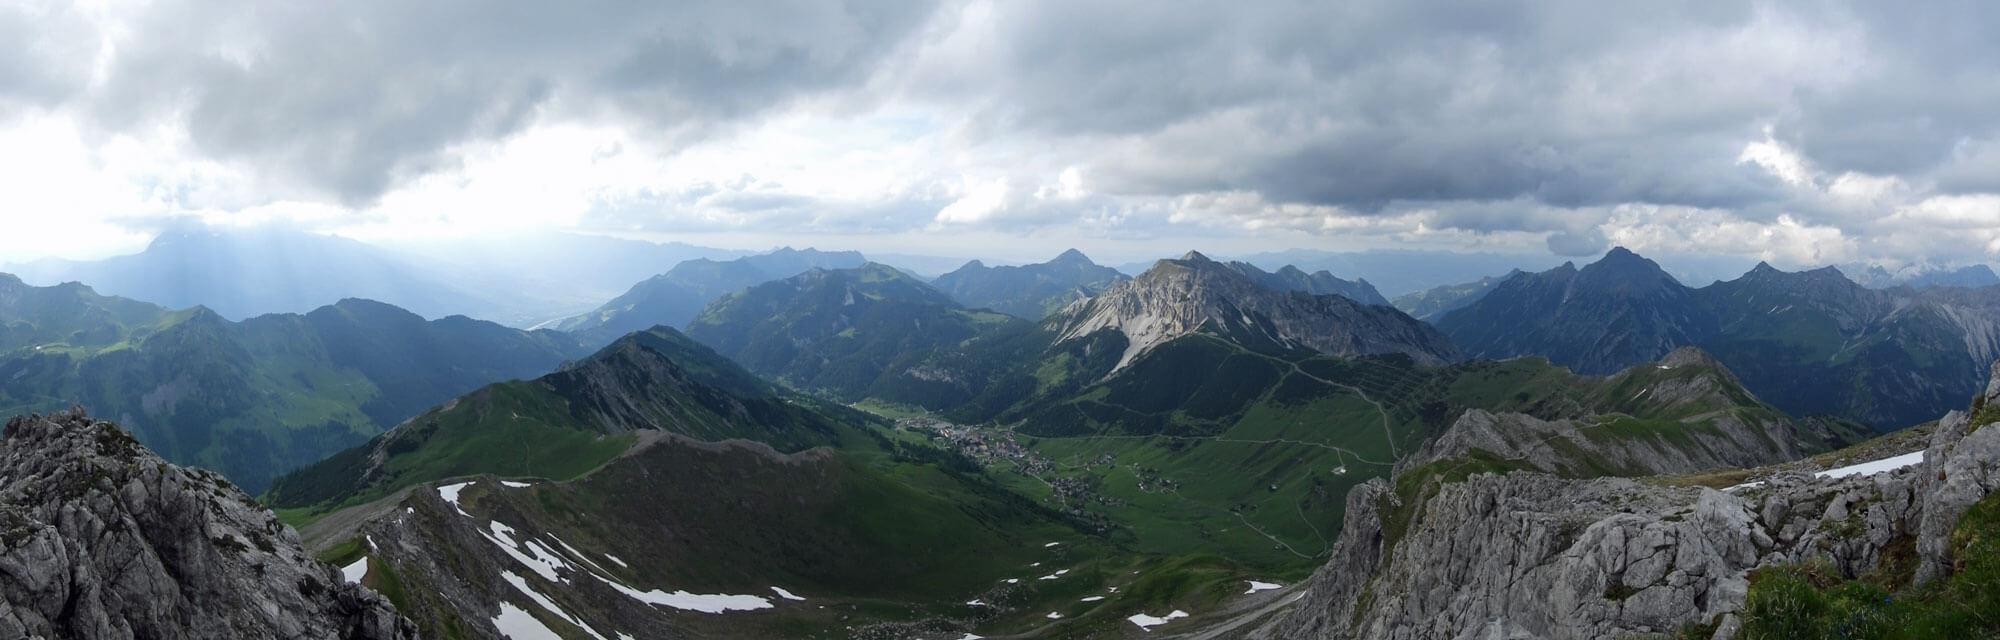 liechtenstein-malbun-mountain-panorama-green-summer.jpg